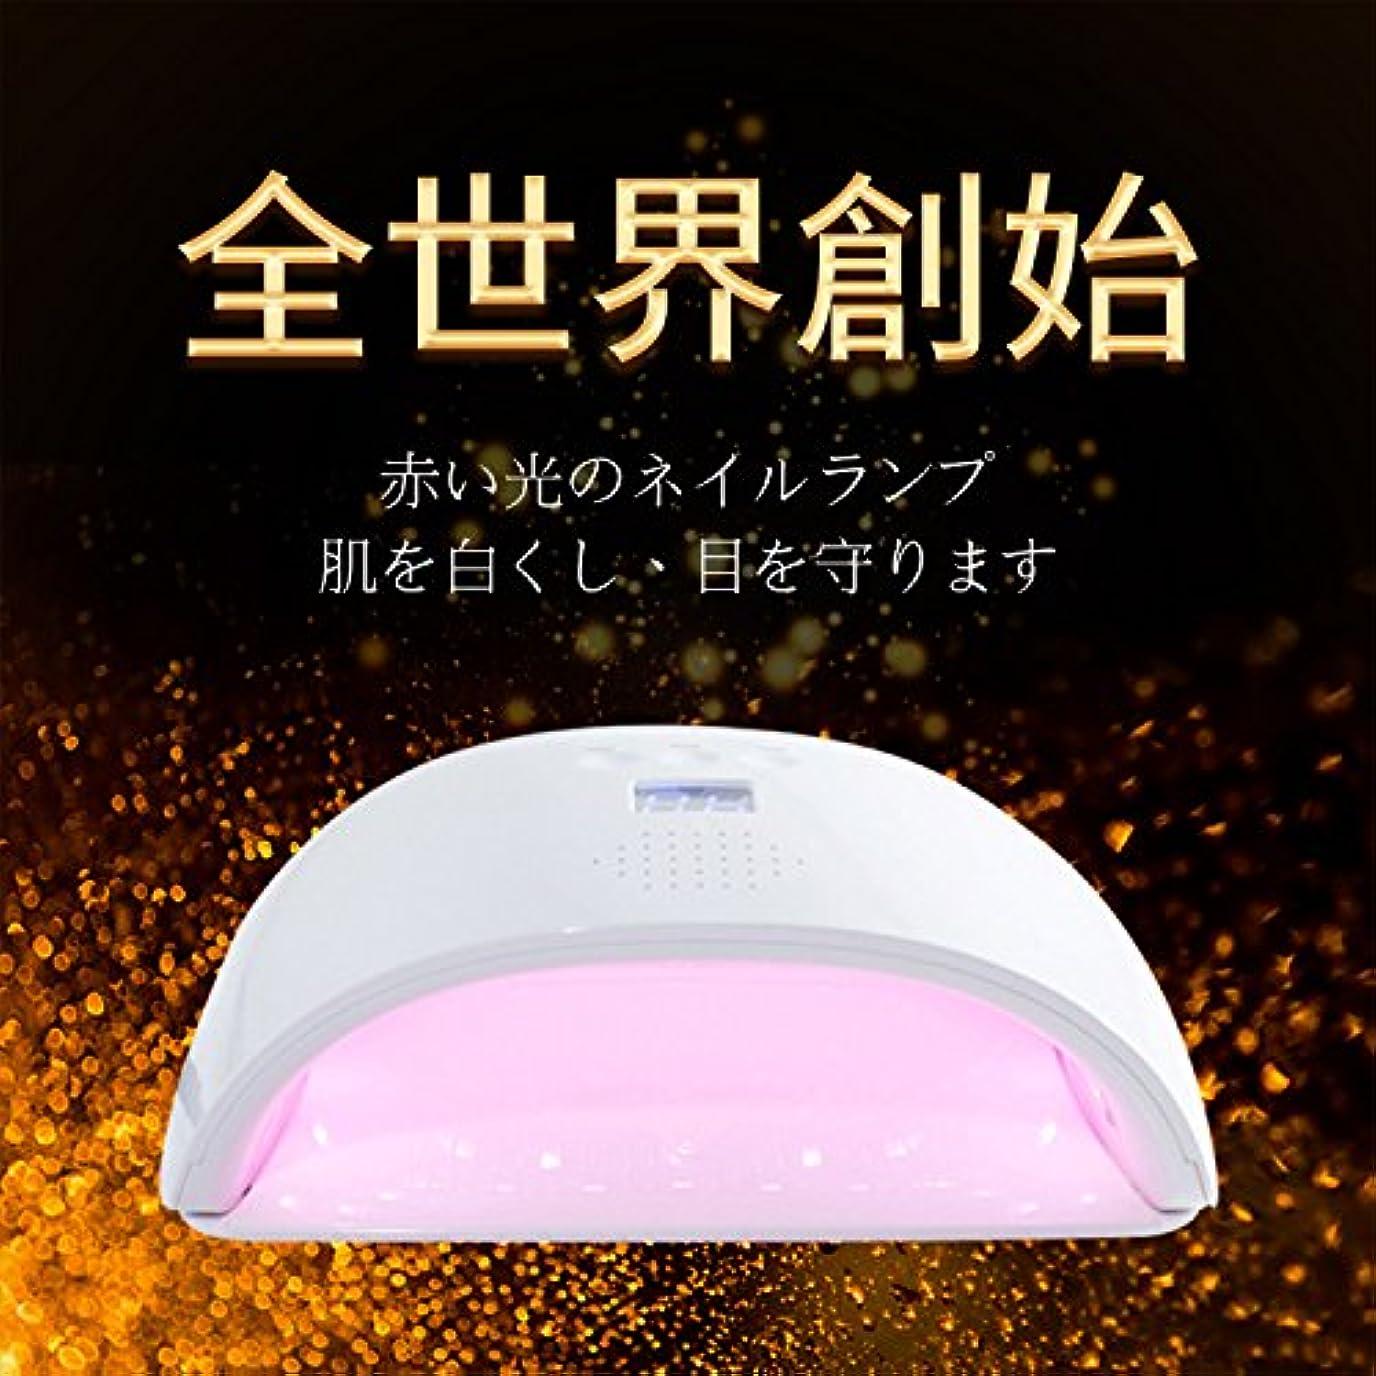 アナリスト税金手Halicer 48W UV LED ネイルドライヤー 人感センサー 自動オンオフ 30S/60S/90Sタイマー設定 取り外し式 手と足両用 22粒UV LDEダブルライト